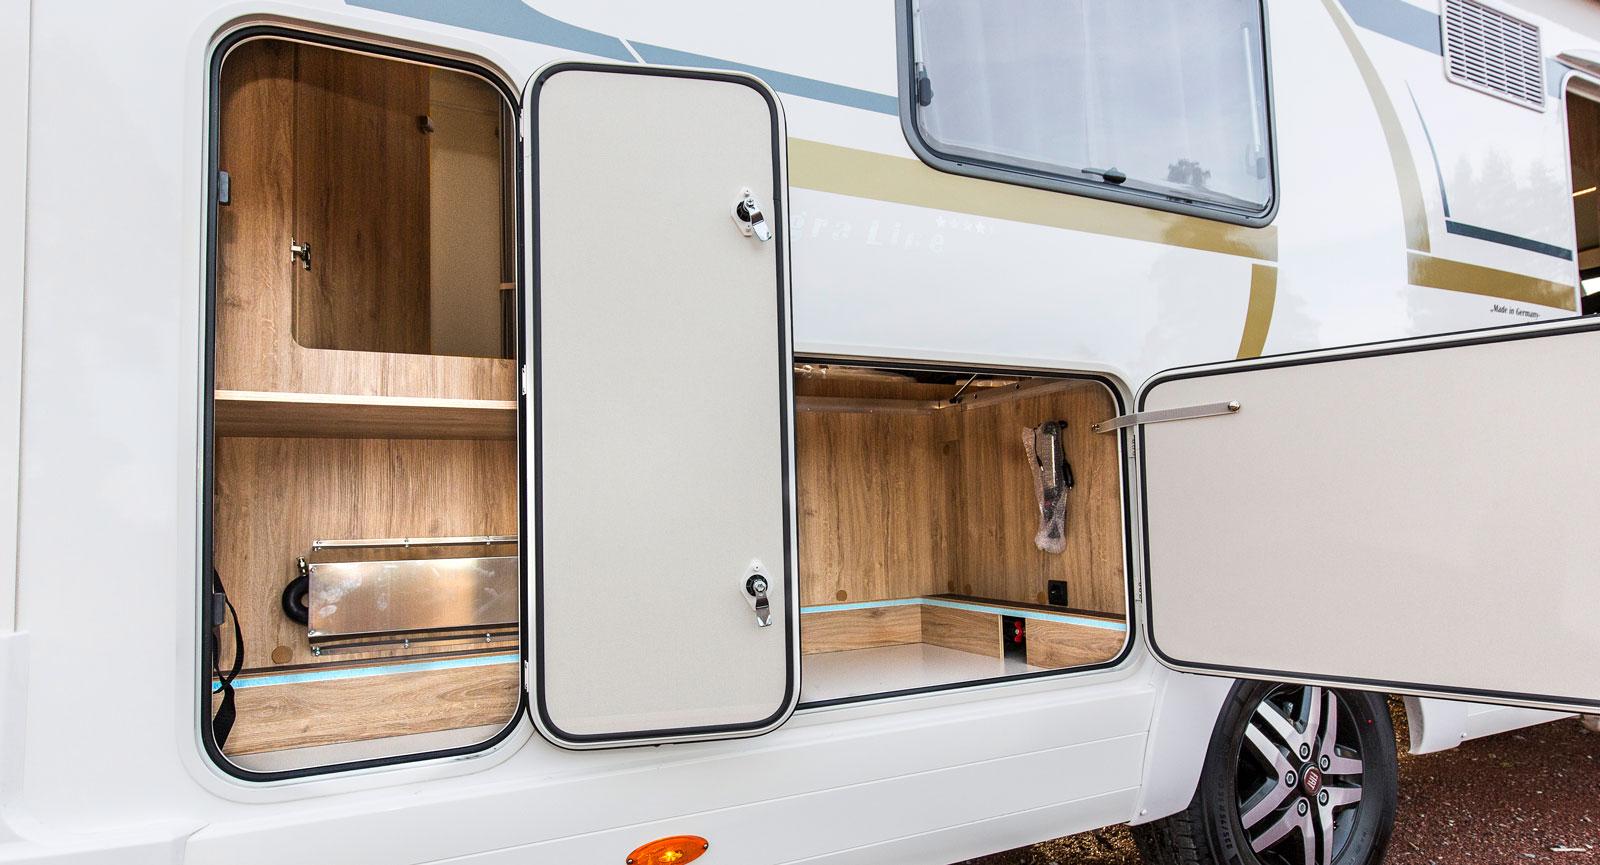 Dubbla dörrar till lastutrymmet under sängen är bra. Det går även att nå hyllan till till vänster i bild inifrån badrummet.